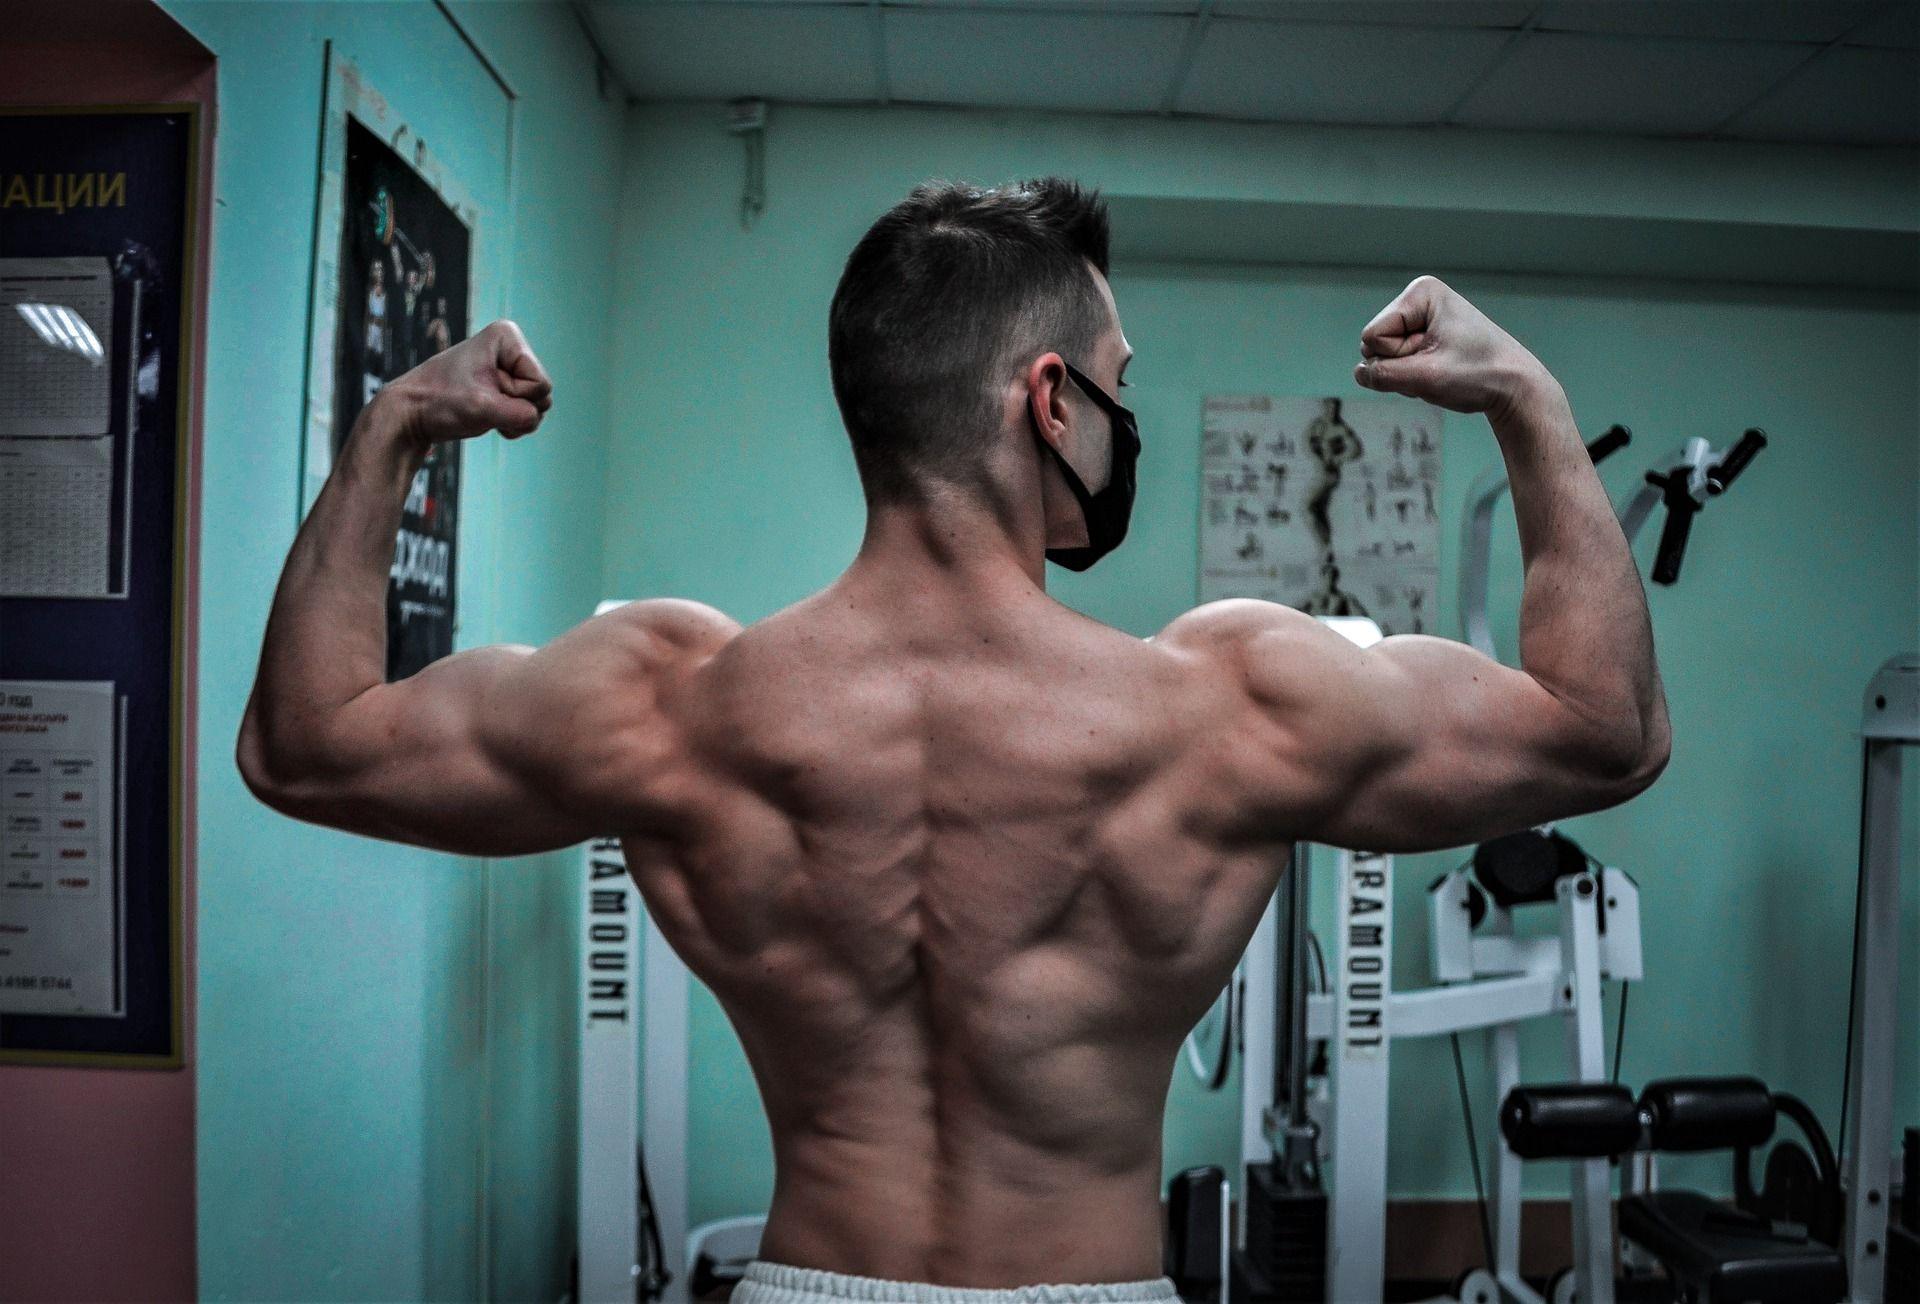 Nacken Muskelaufbau Übungen